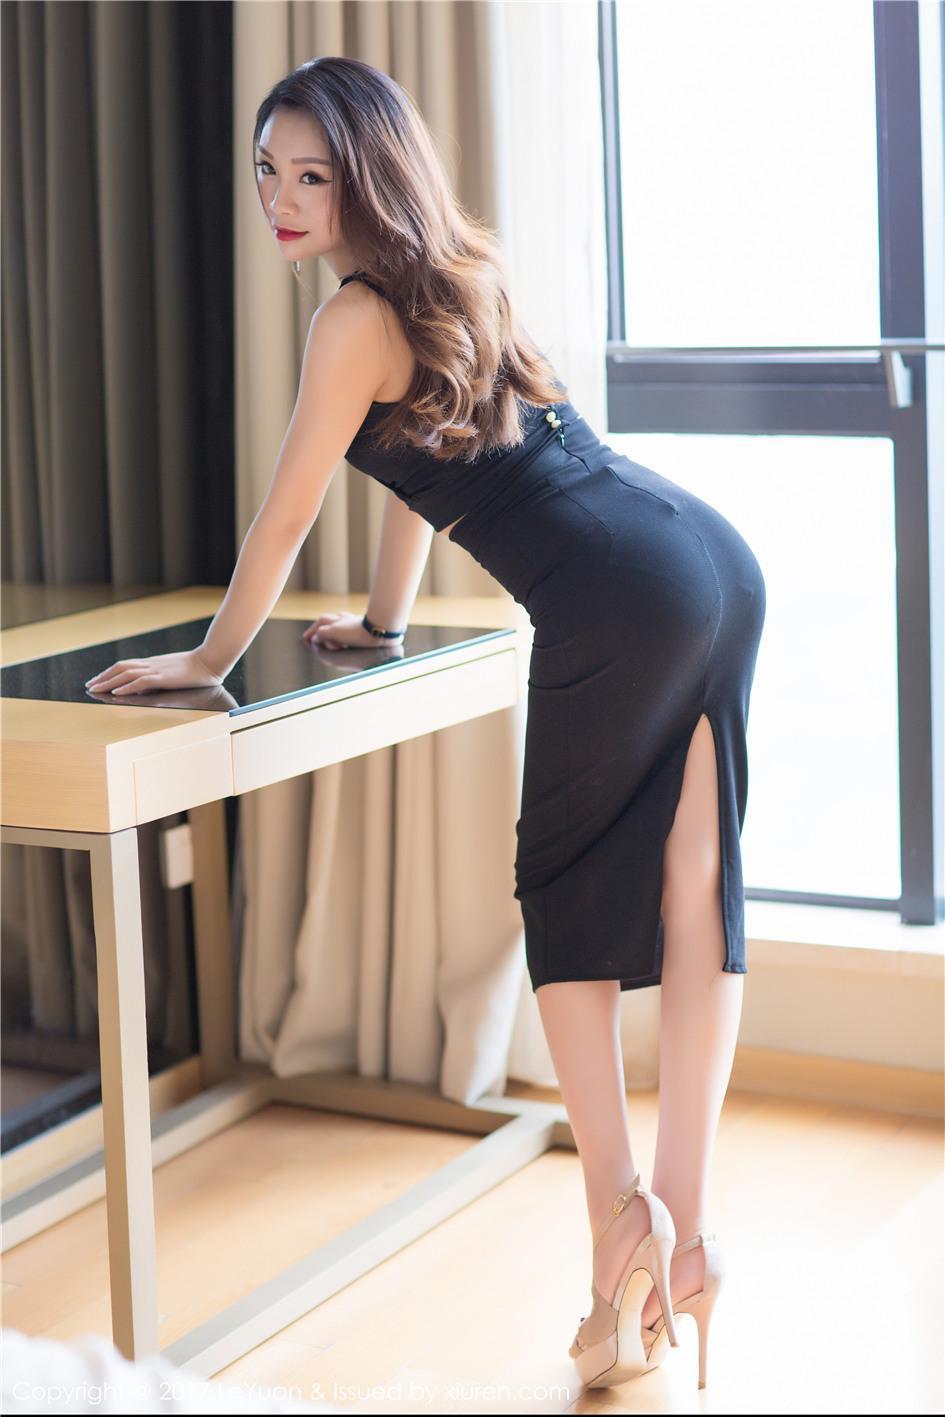 【星乐园】【Tina】 气质型女人Tina凹凸有致的身材惹火写真 VOL.034【22P】 写真集